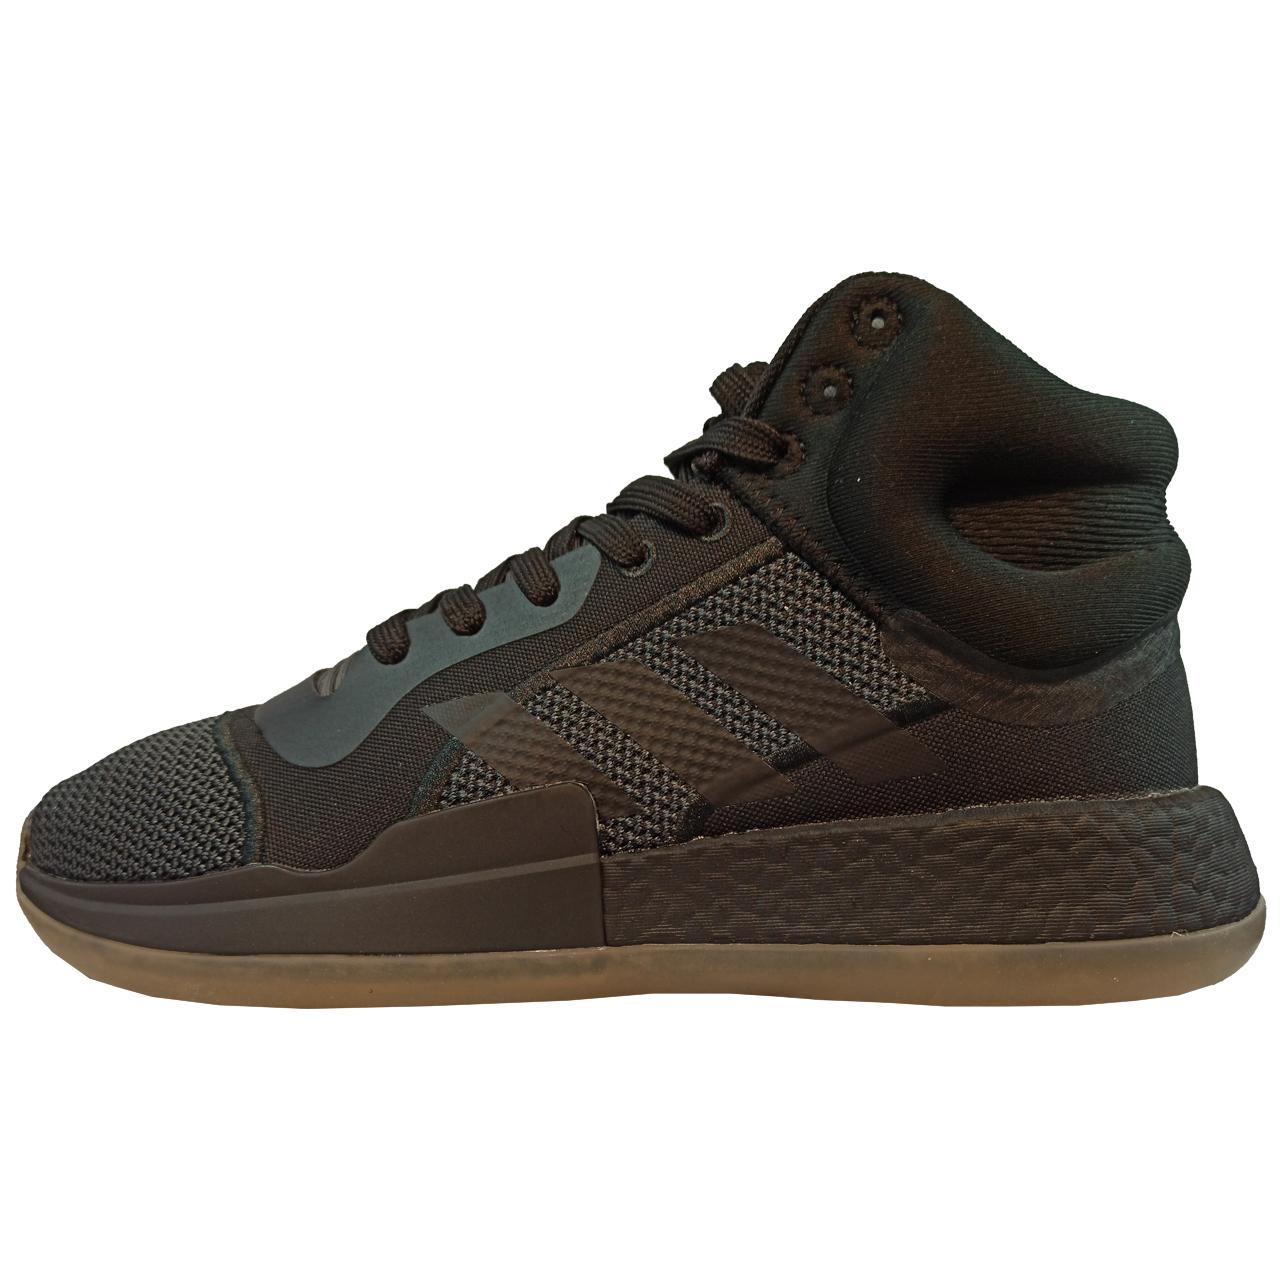 خرید                      کفش بسکتبال مردانه مدل Marquee Boost کد 802              👟